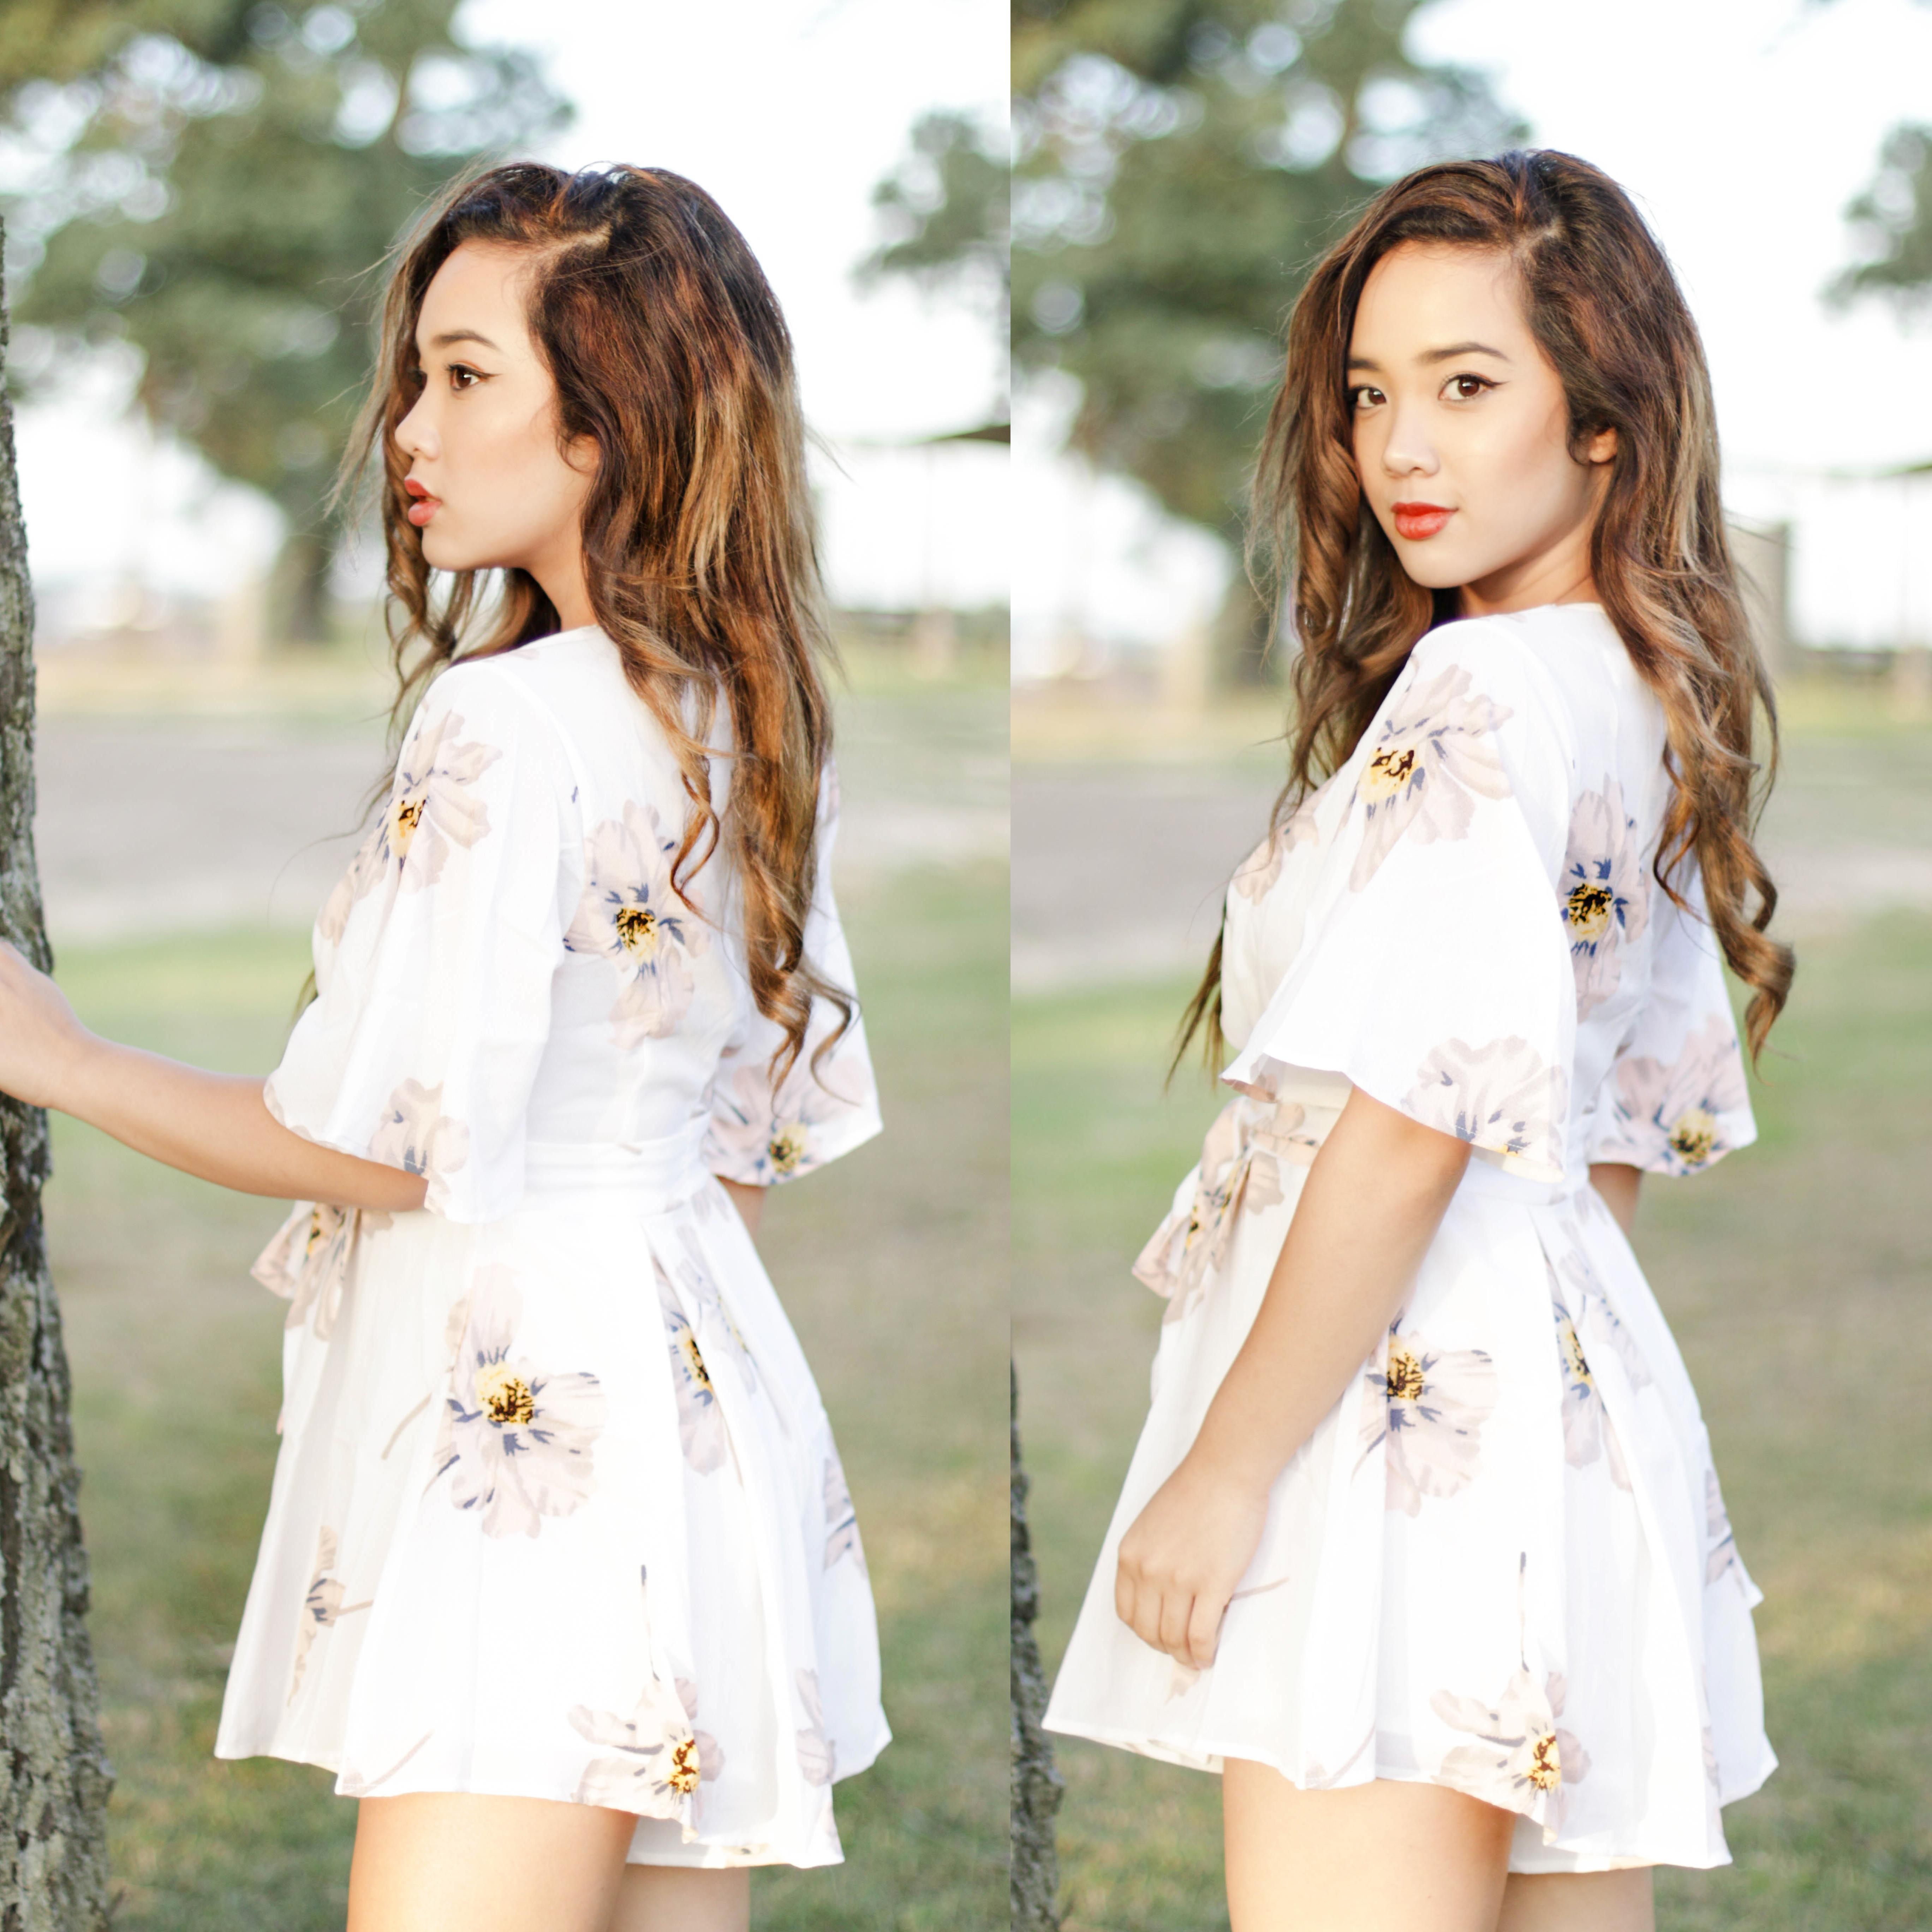 Luxy Girl